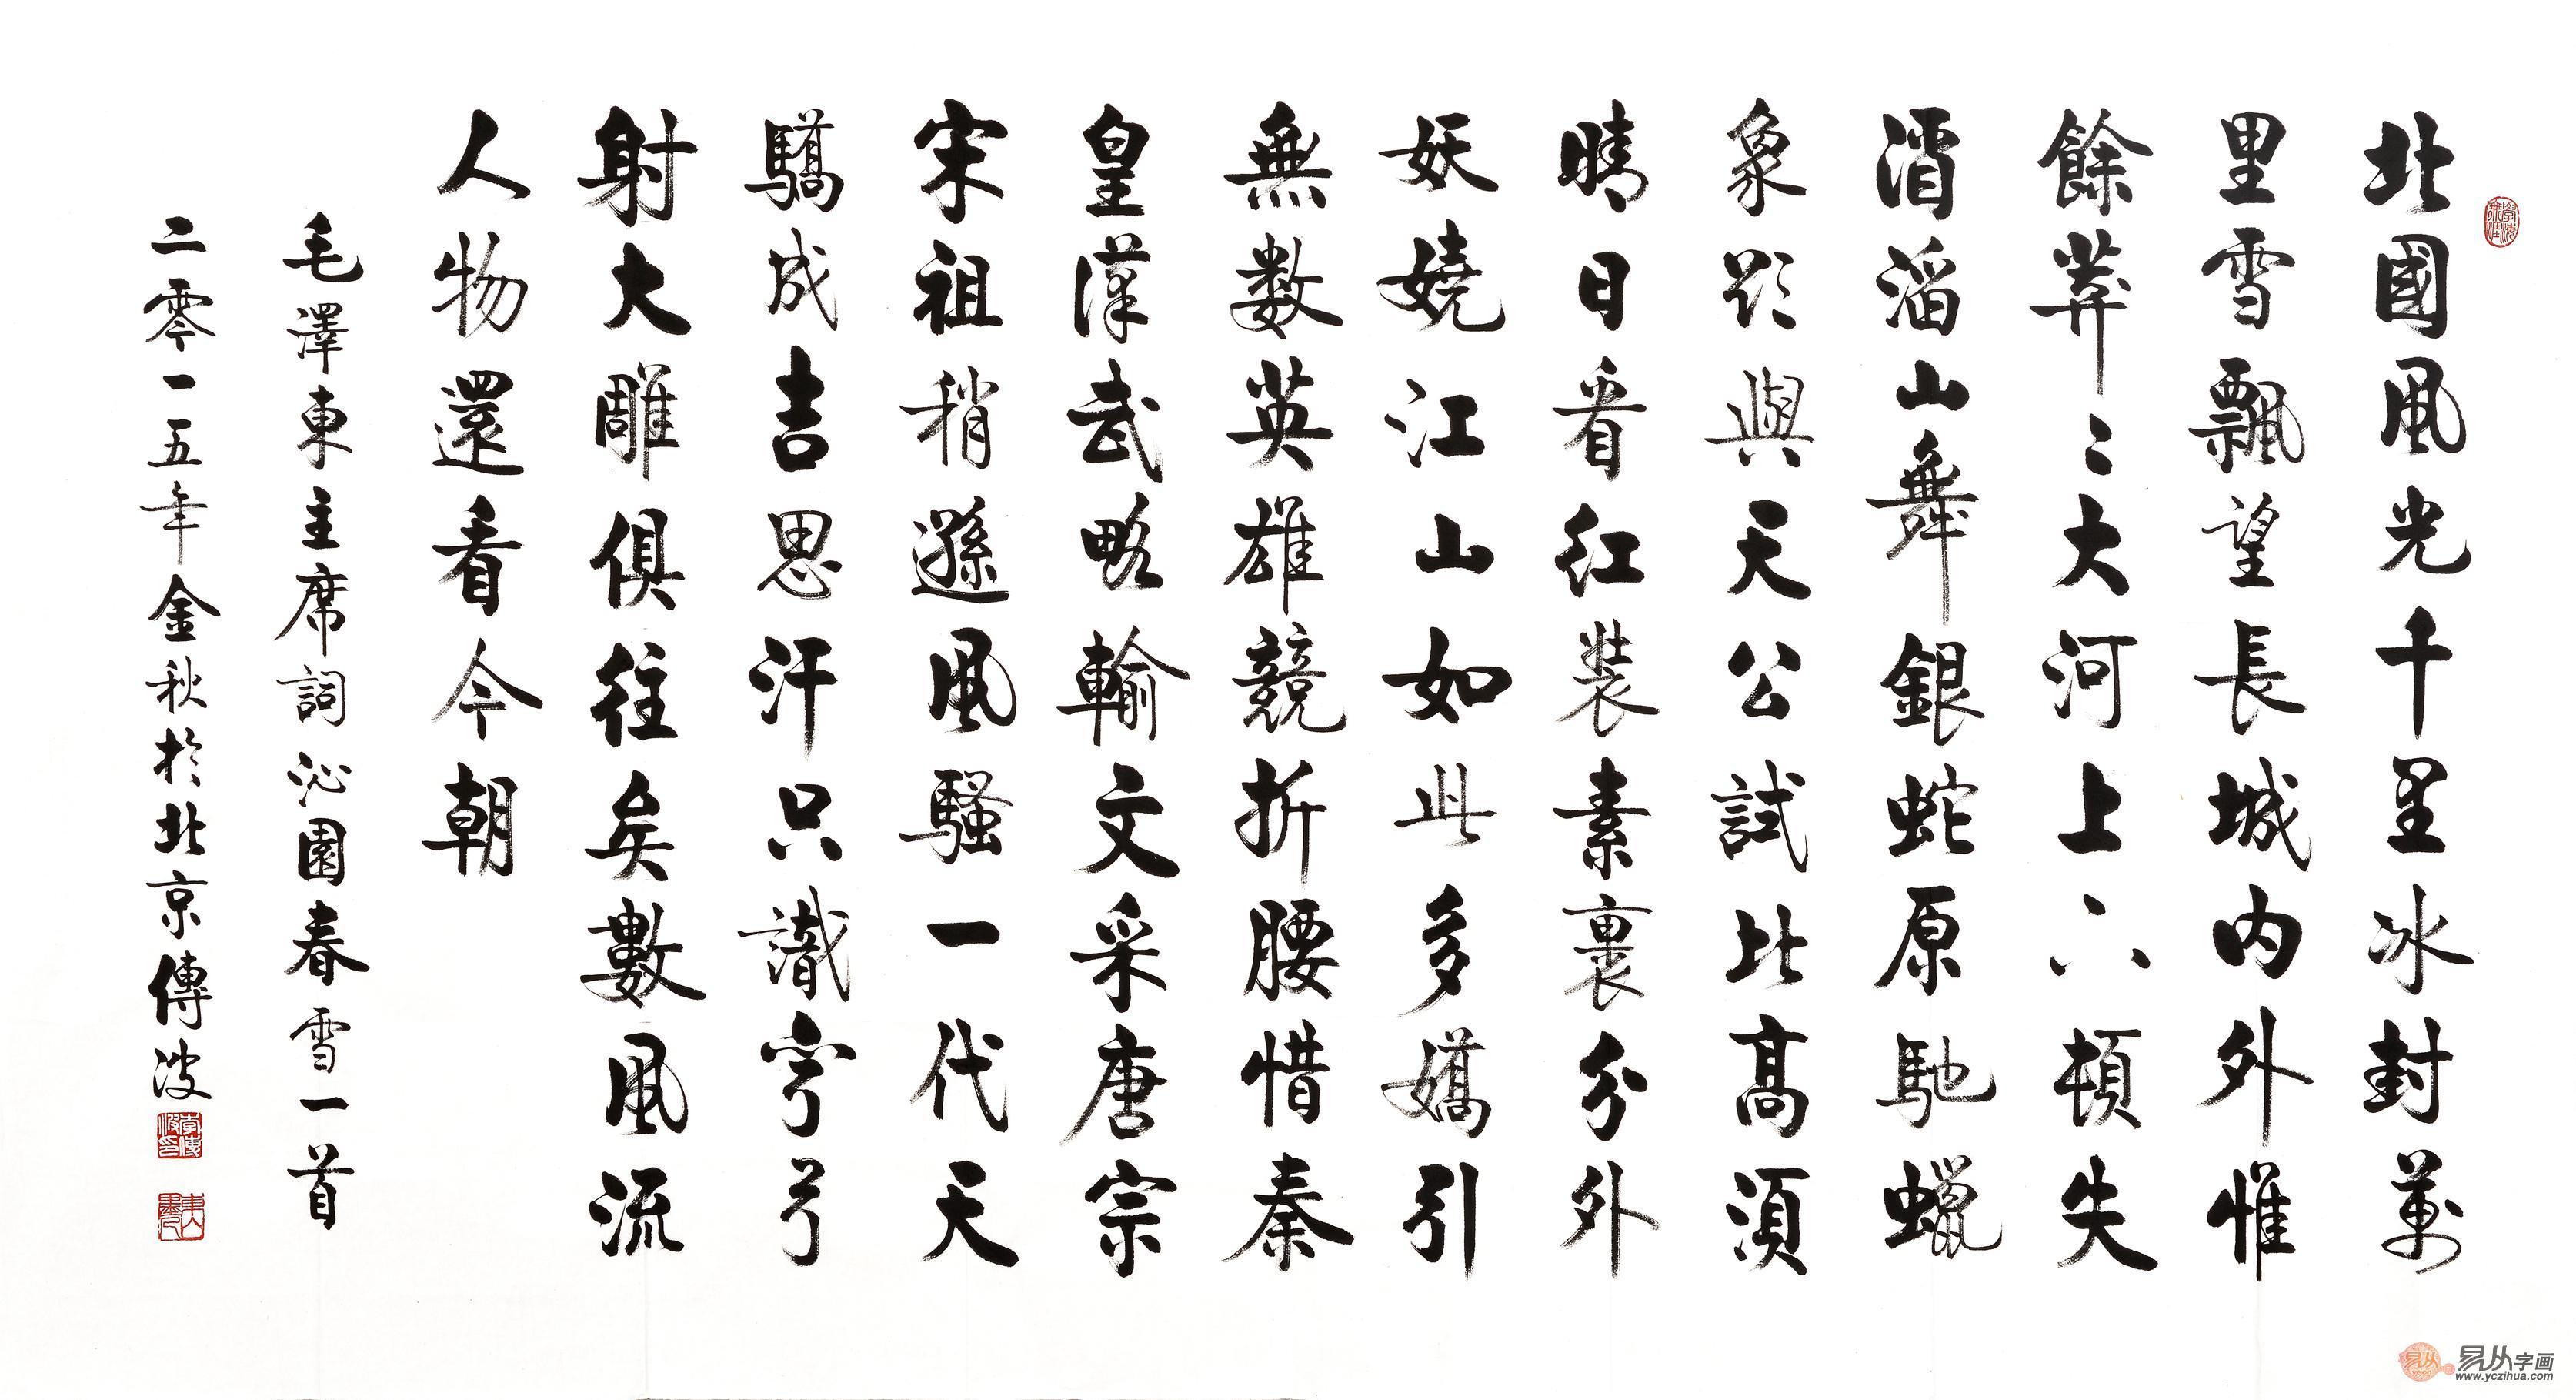 启功大弟子李传波最新力作《沁园春雪》作品来源:易从网图片